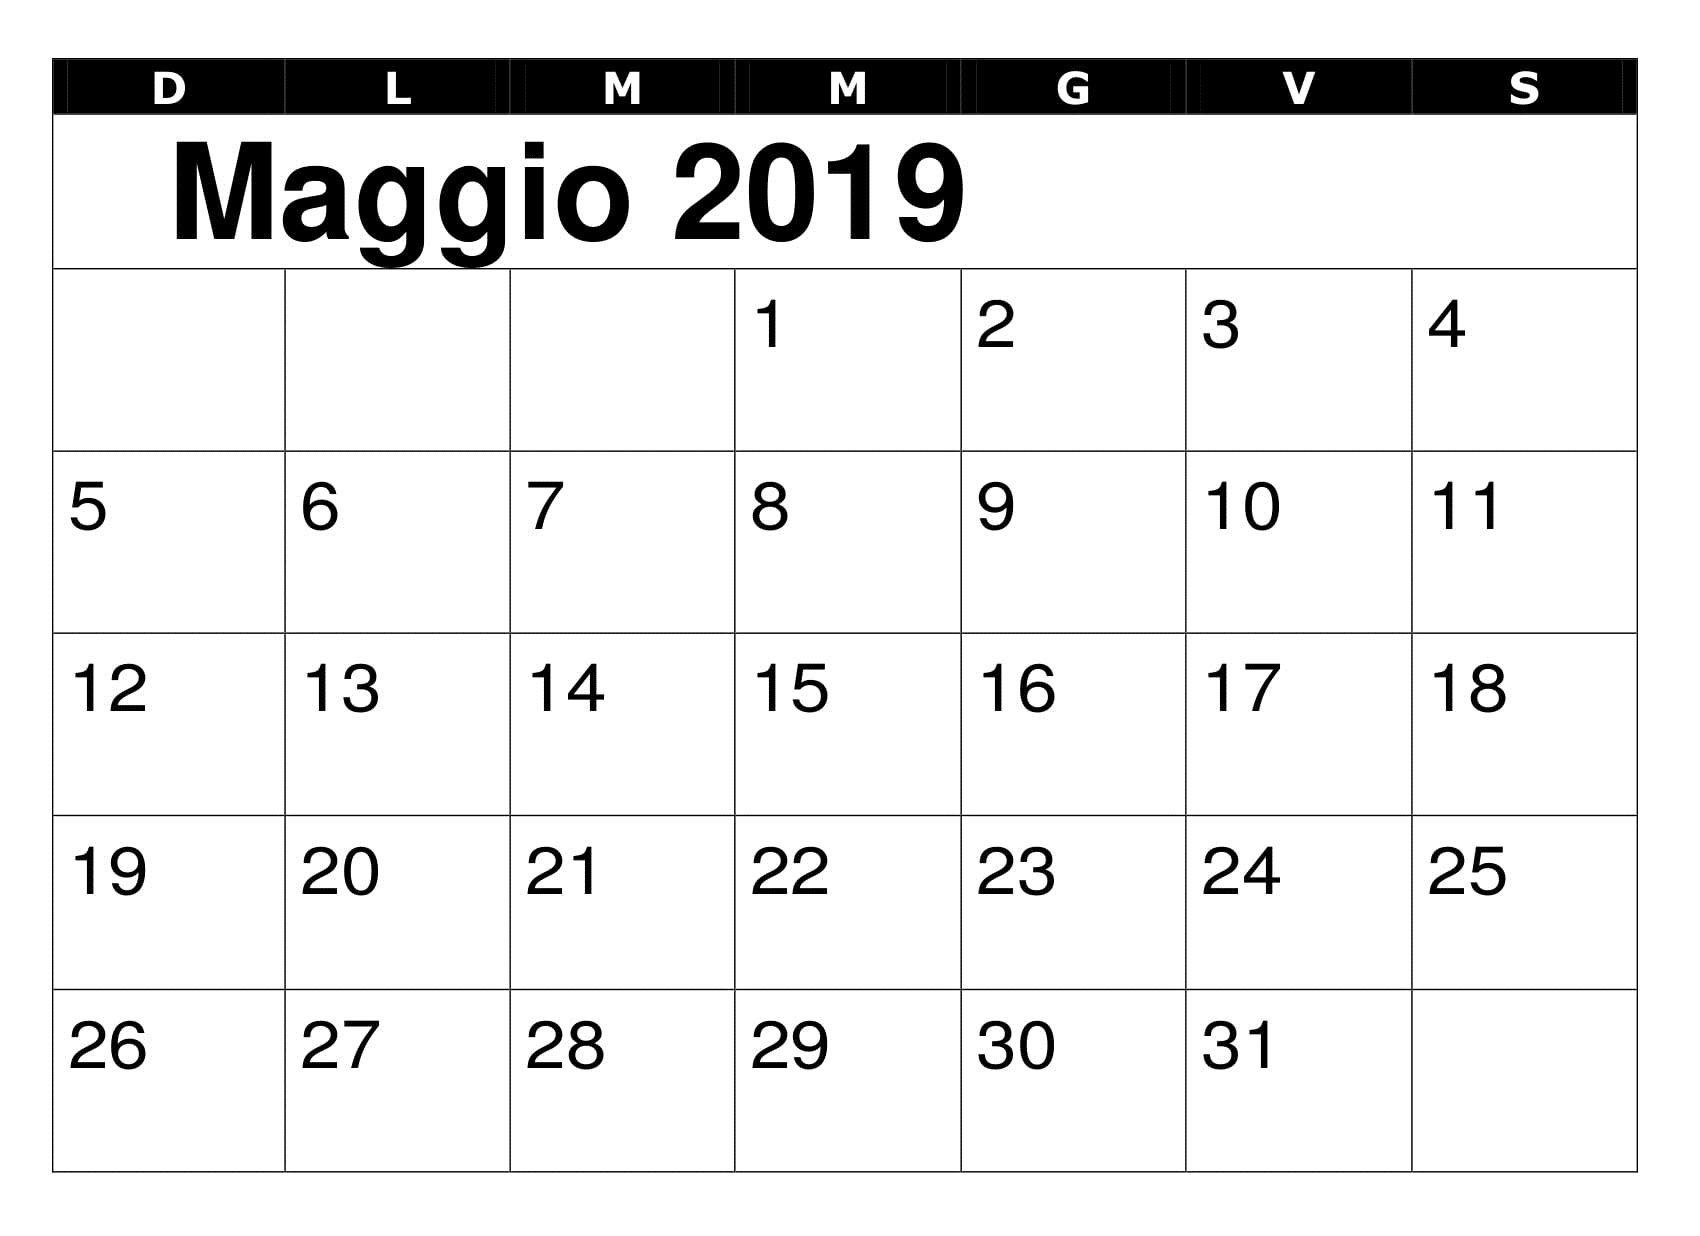 Calendario Maggio 2020 Da Stampare.Maggio 2019 Calendario Modello Calendario Maggio 2019 Da